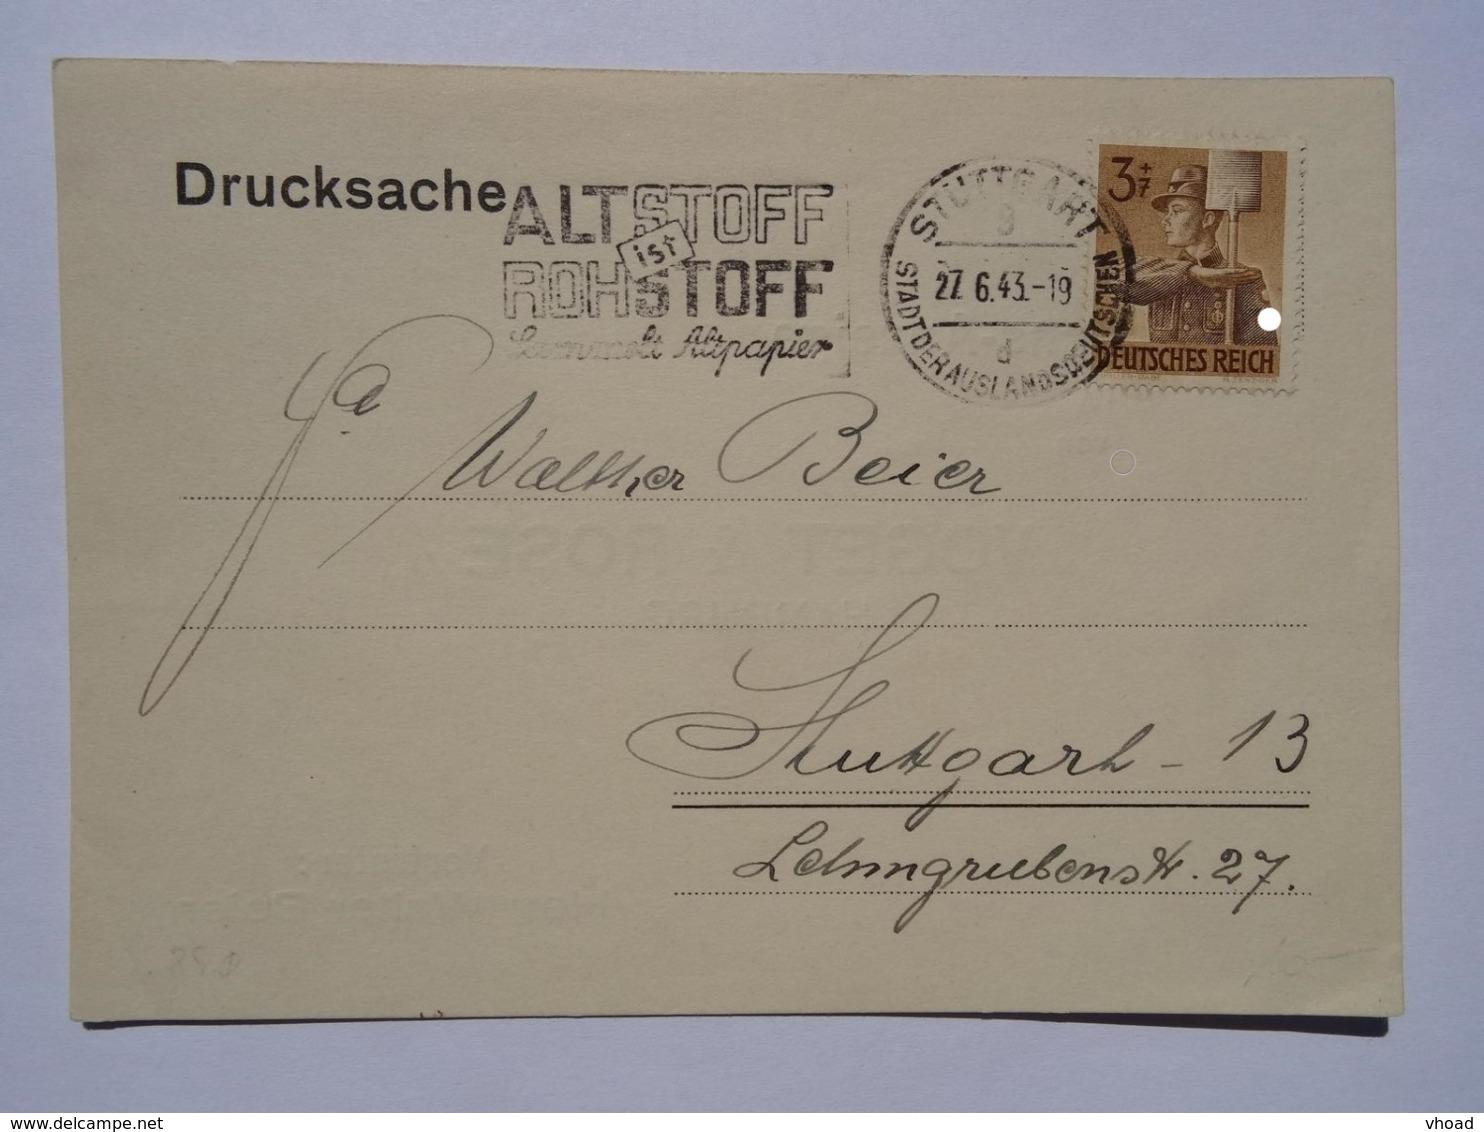 1943 DR Postkarte Pmk Altstoff Ist Rohstoff Stuttgart Stadt Der Auslandsdeutschen - Briefe U. Dokumente